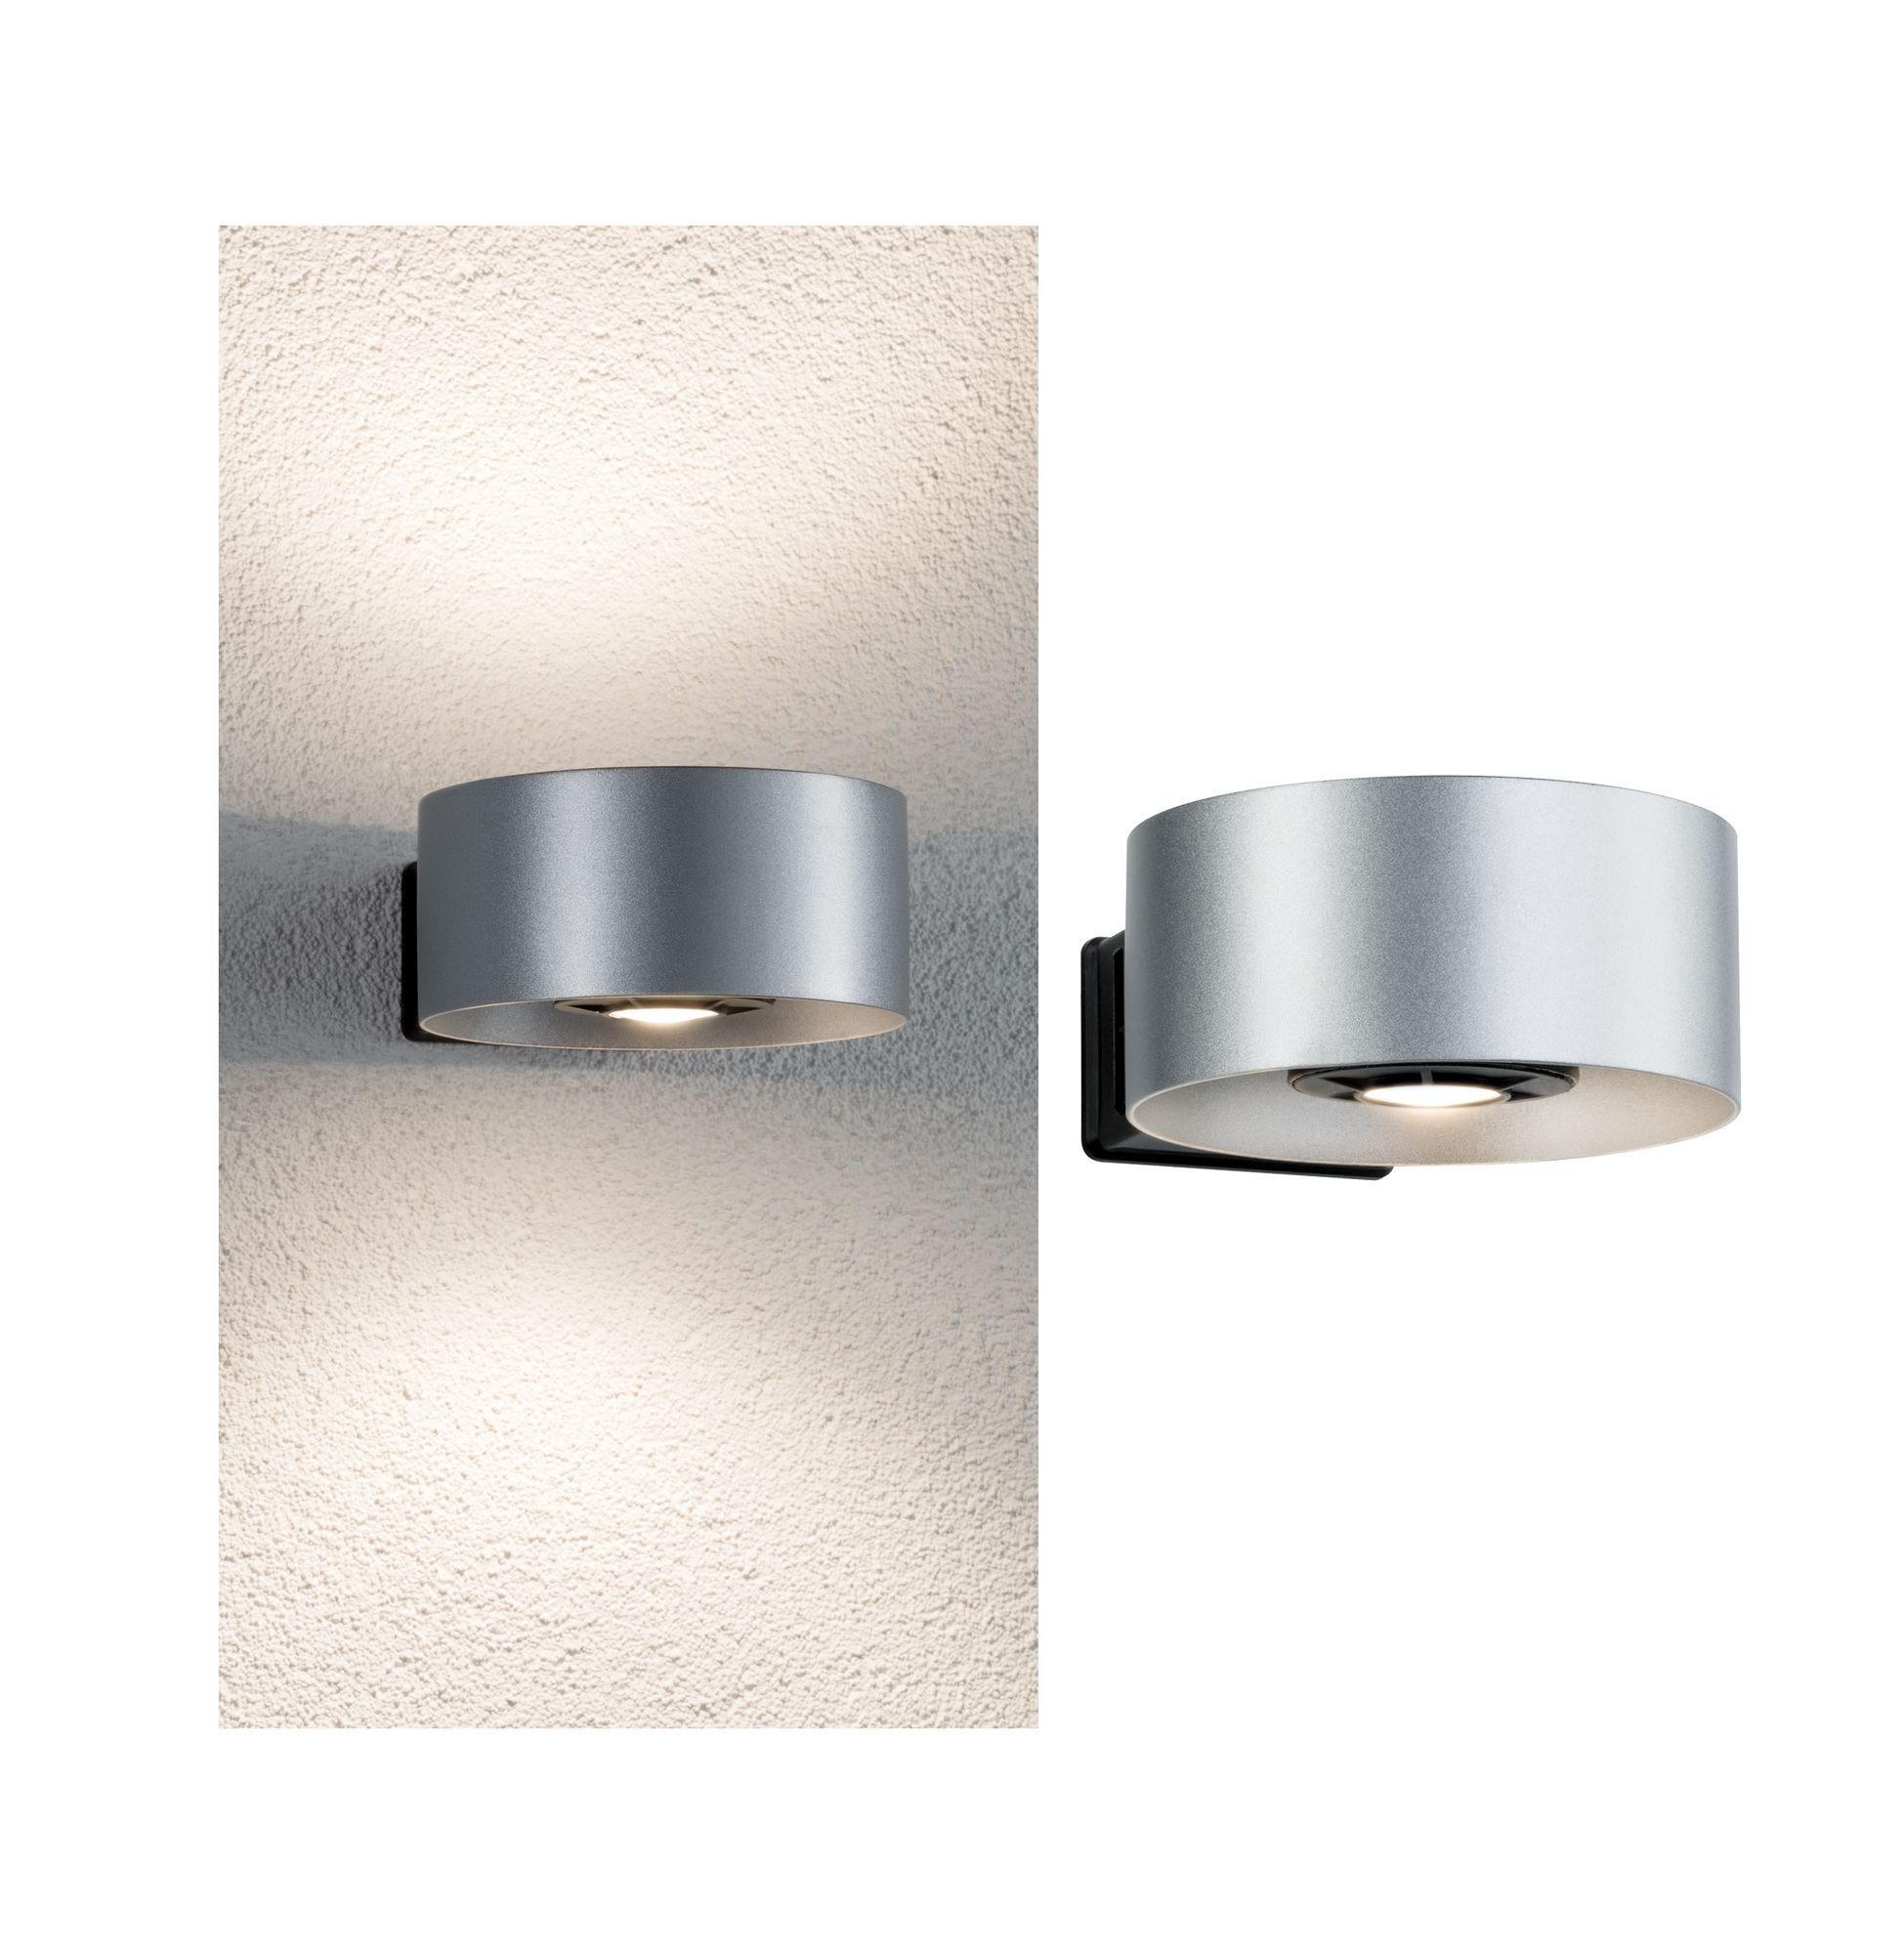 Paulmann,LED Außen-Wandleuchte Cone Silber/Anthrazit 2x6W